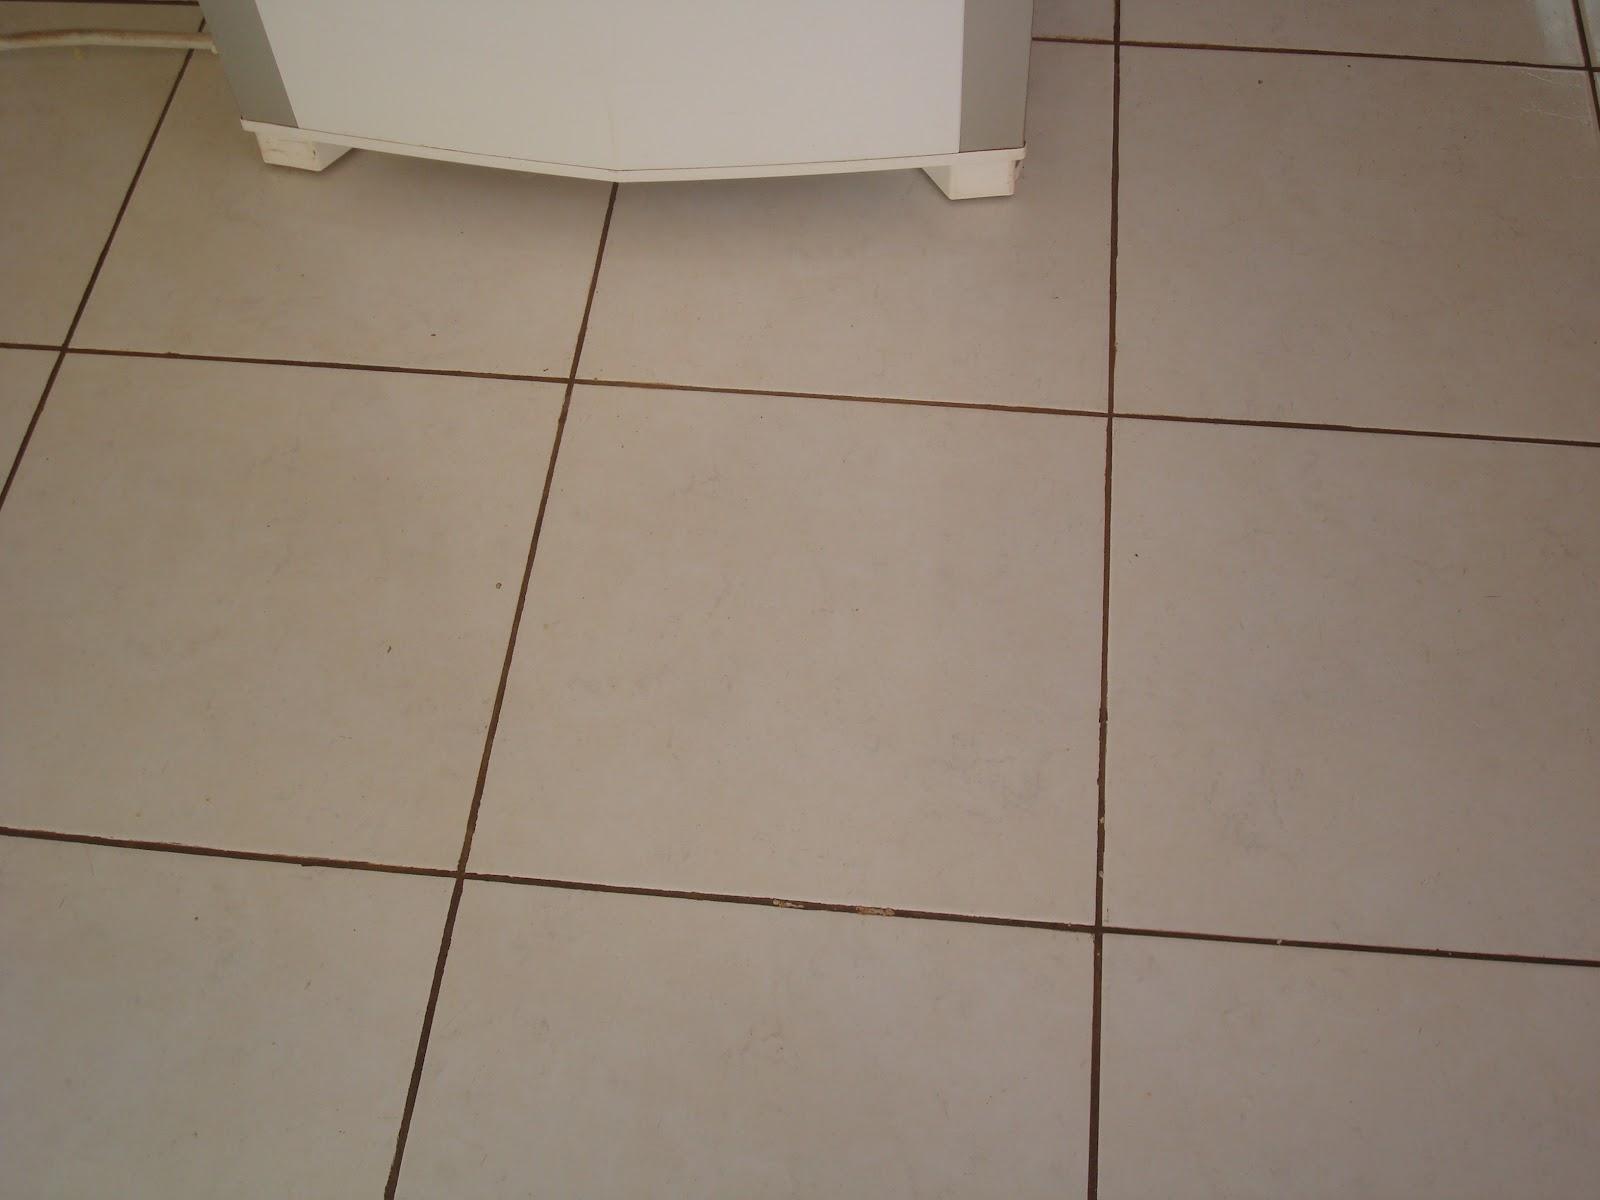 Piso com Rejunte Preto Argamassa e Acabamento Construdeia #473326 1600x1200 Banheiro Com Revestimento Branco E Piso Bege